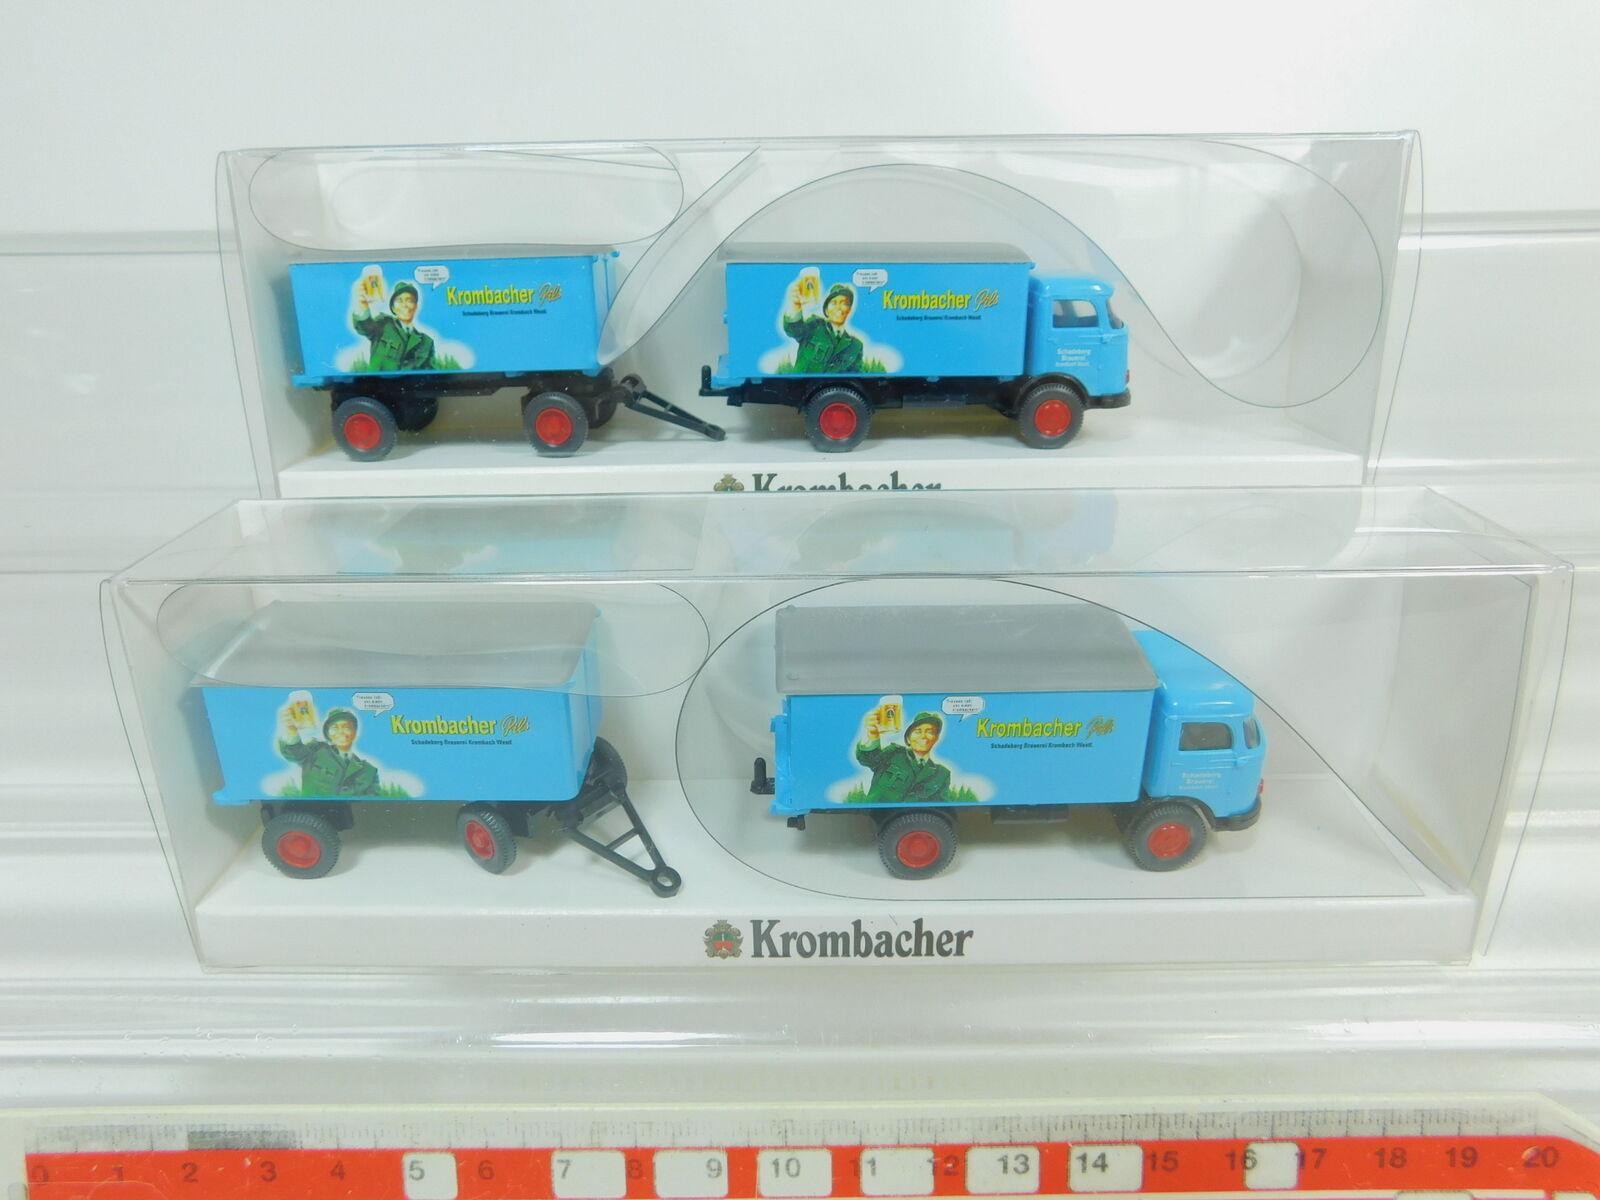 BO431-0,5 BO431-0,5 BO431-0,5  2x Wiking H0 1 87 2640 Koffer-Lastzug MB LP 321 Krombacher, s.g.OVP  | Mittlere Kosten  cec230